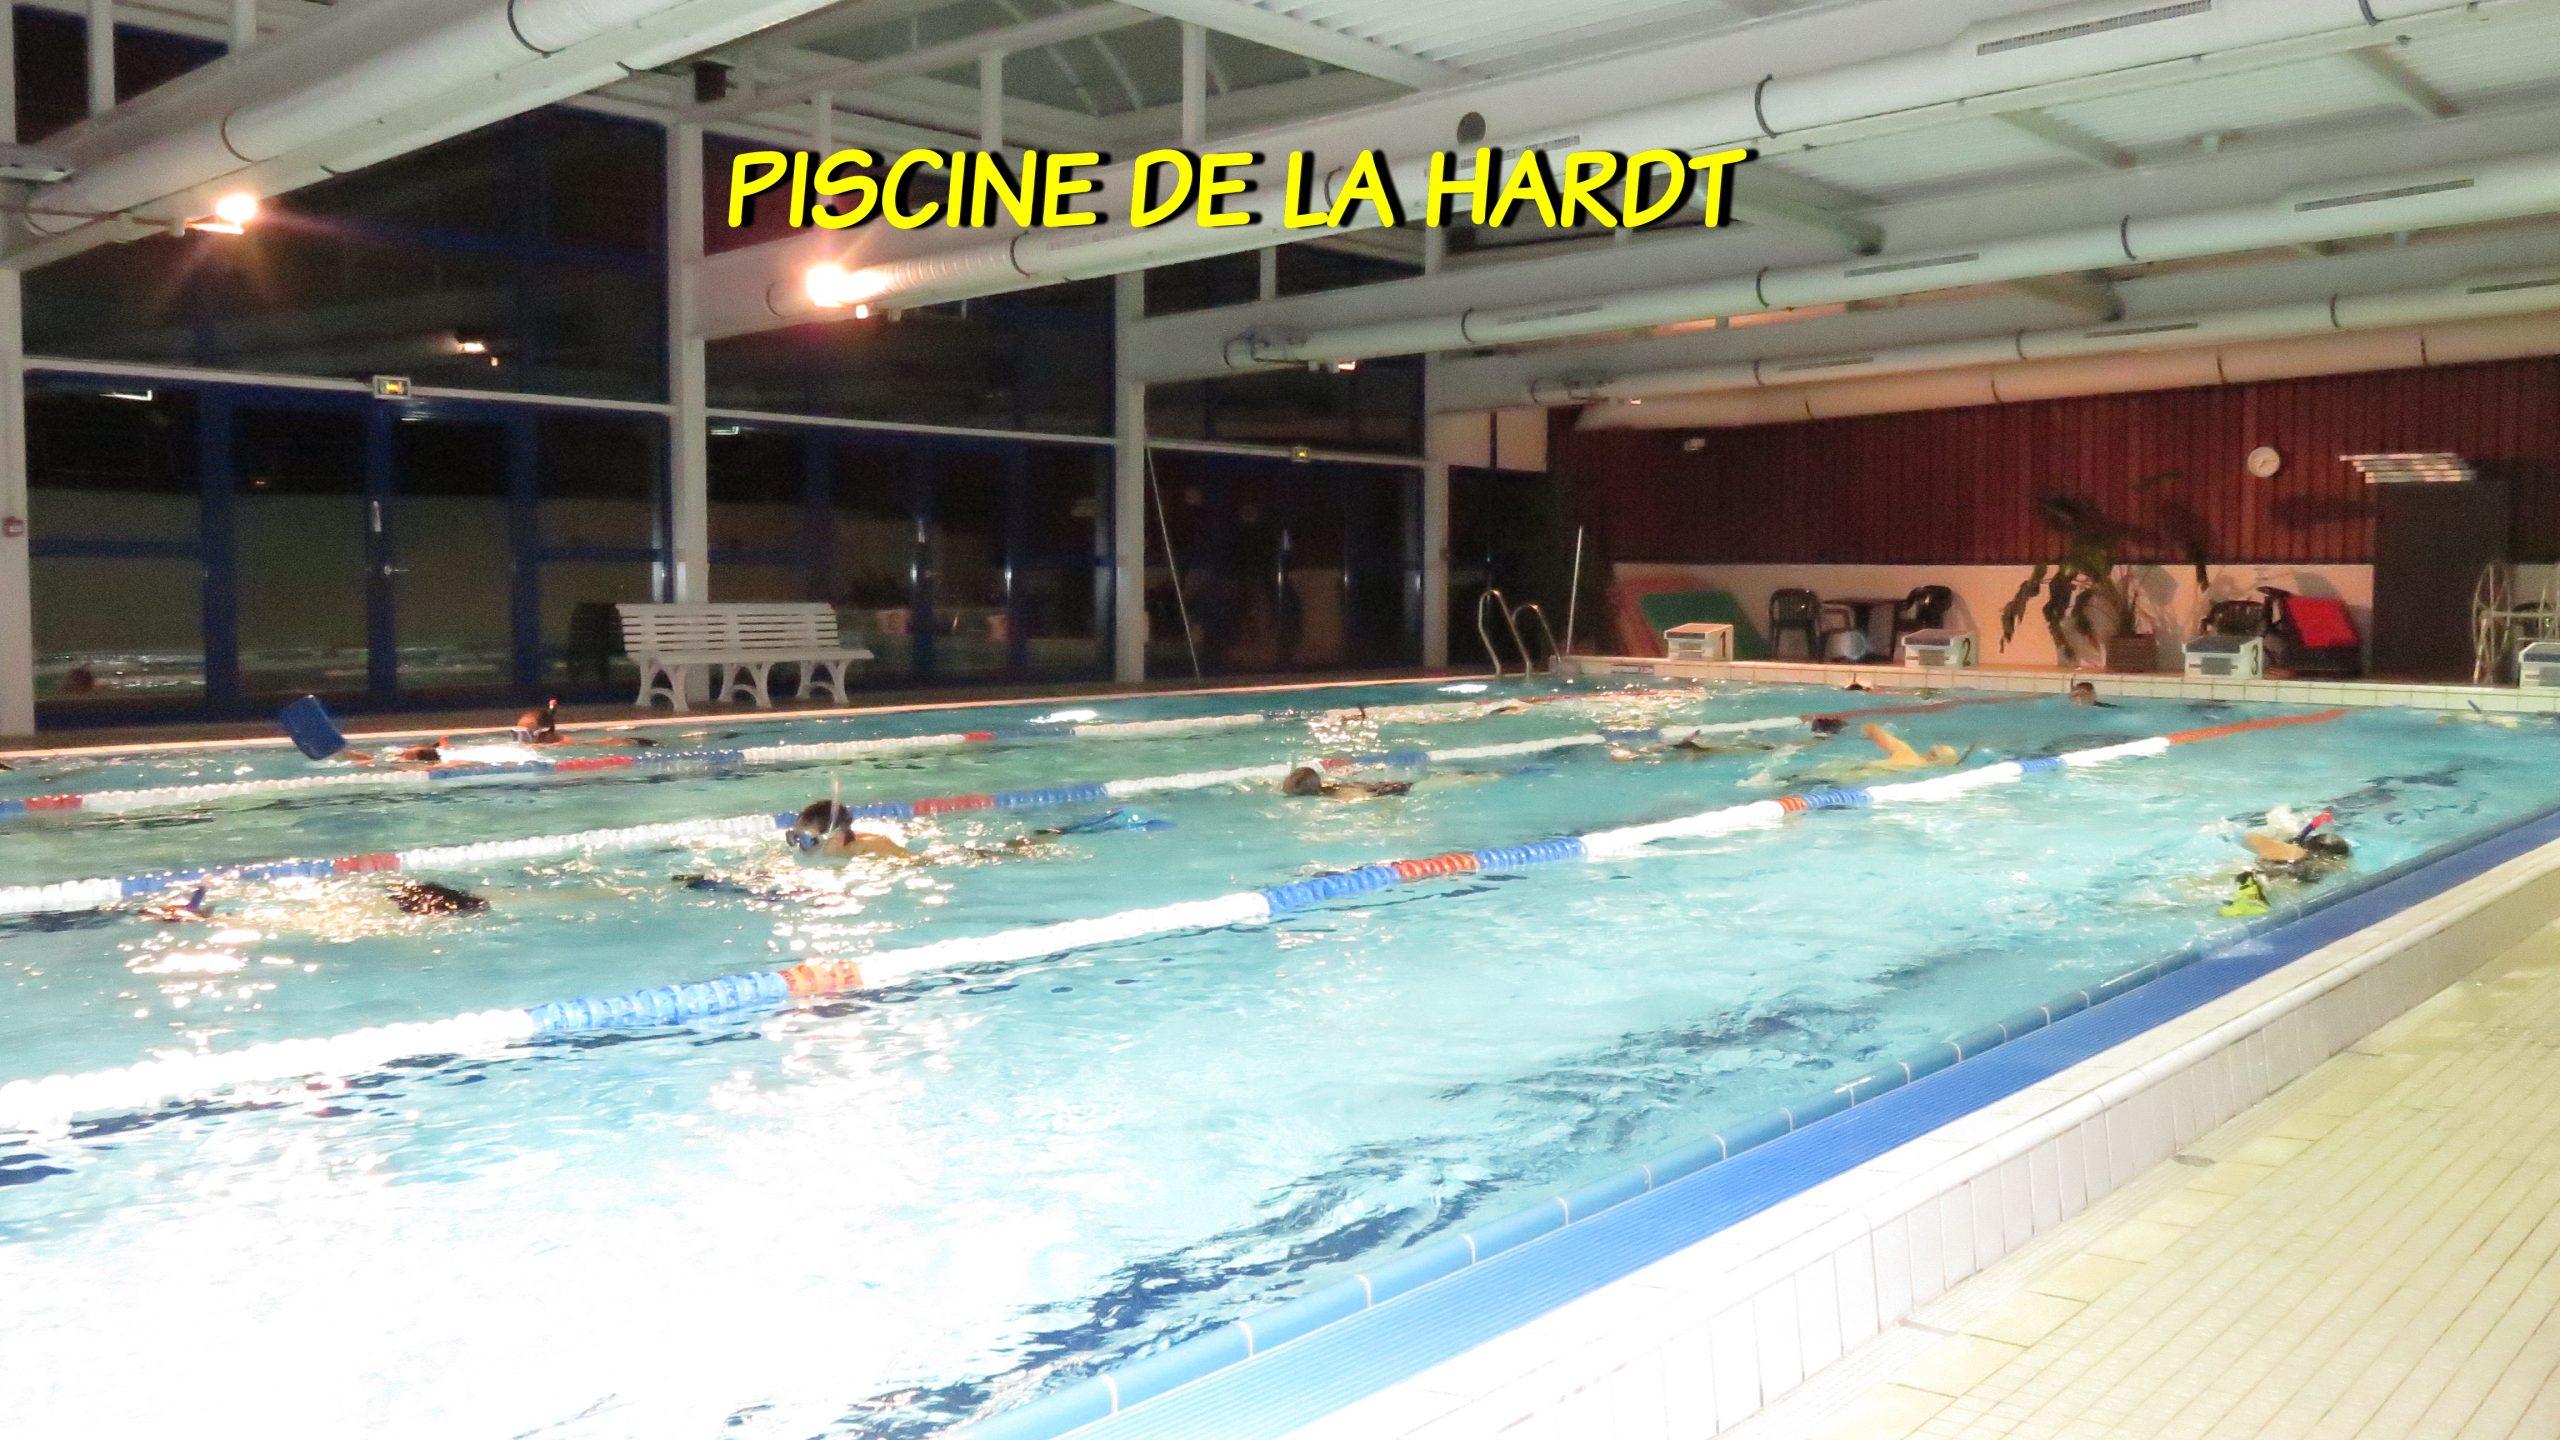 Club De Plongée | Diodon67 | Strasbourg | Fegersheim | Lipsheim dedans Piscine De La Hardt